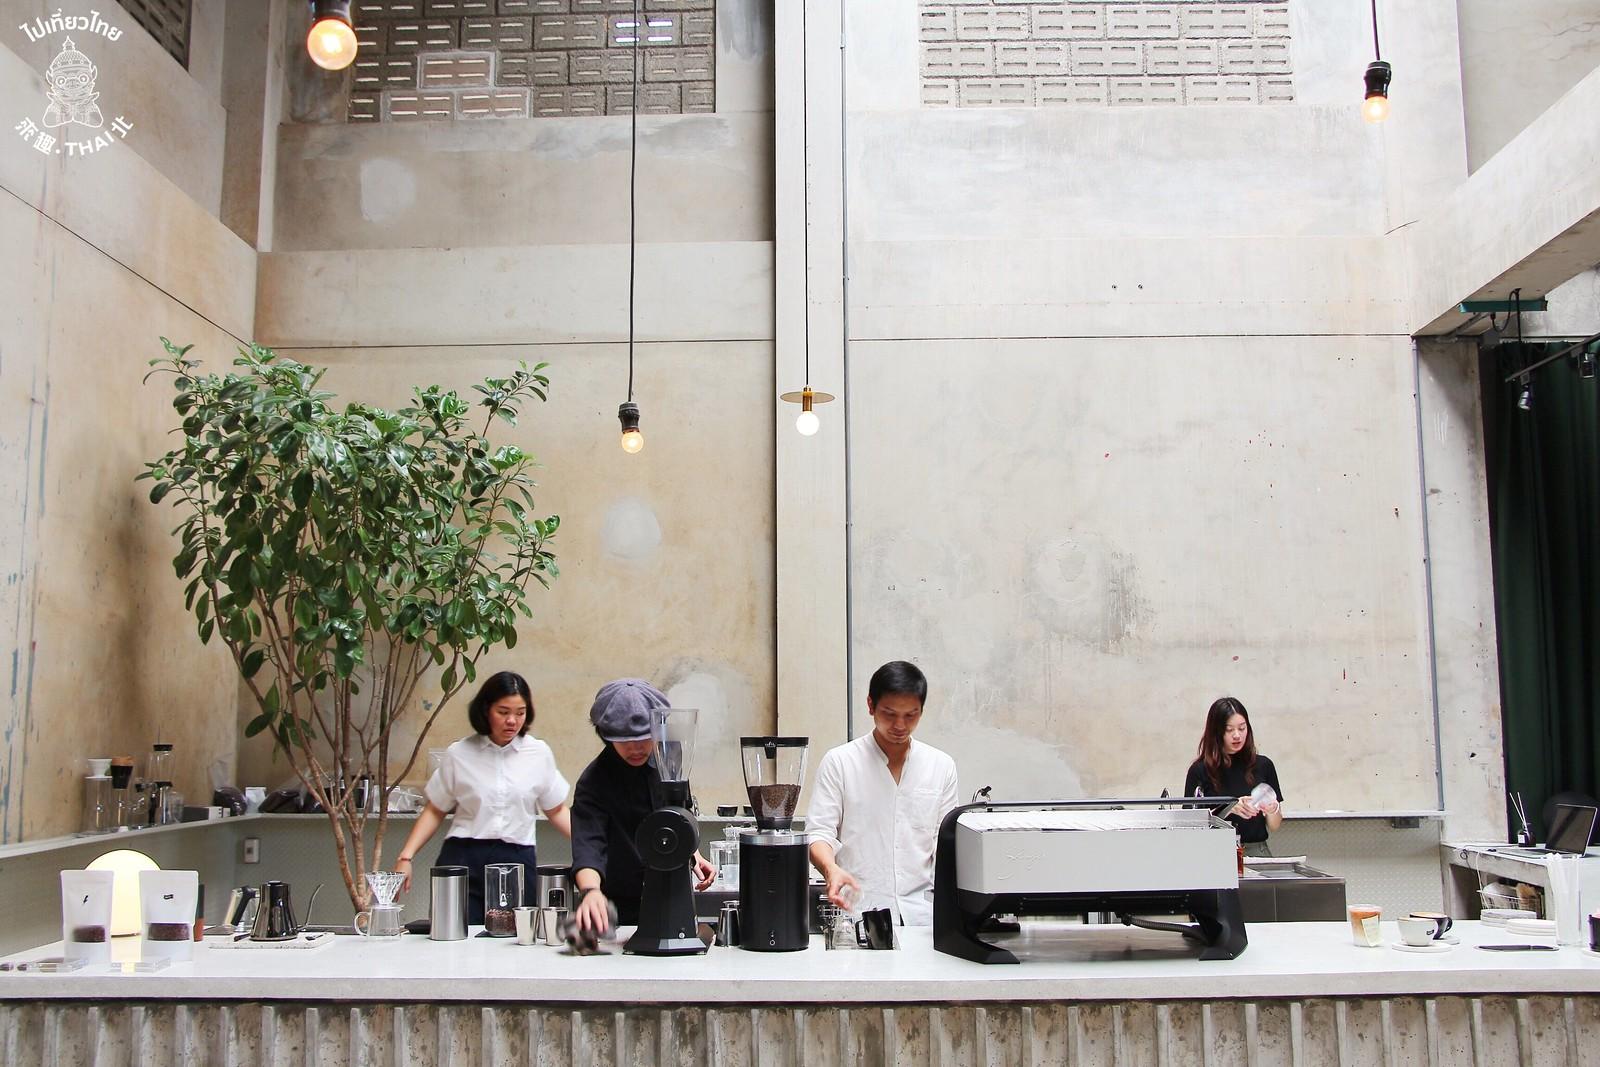 咖啡廳。花店。由廢墟重生的藝術聚落